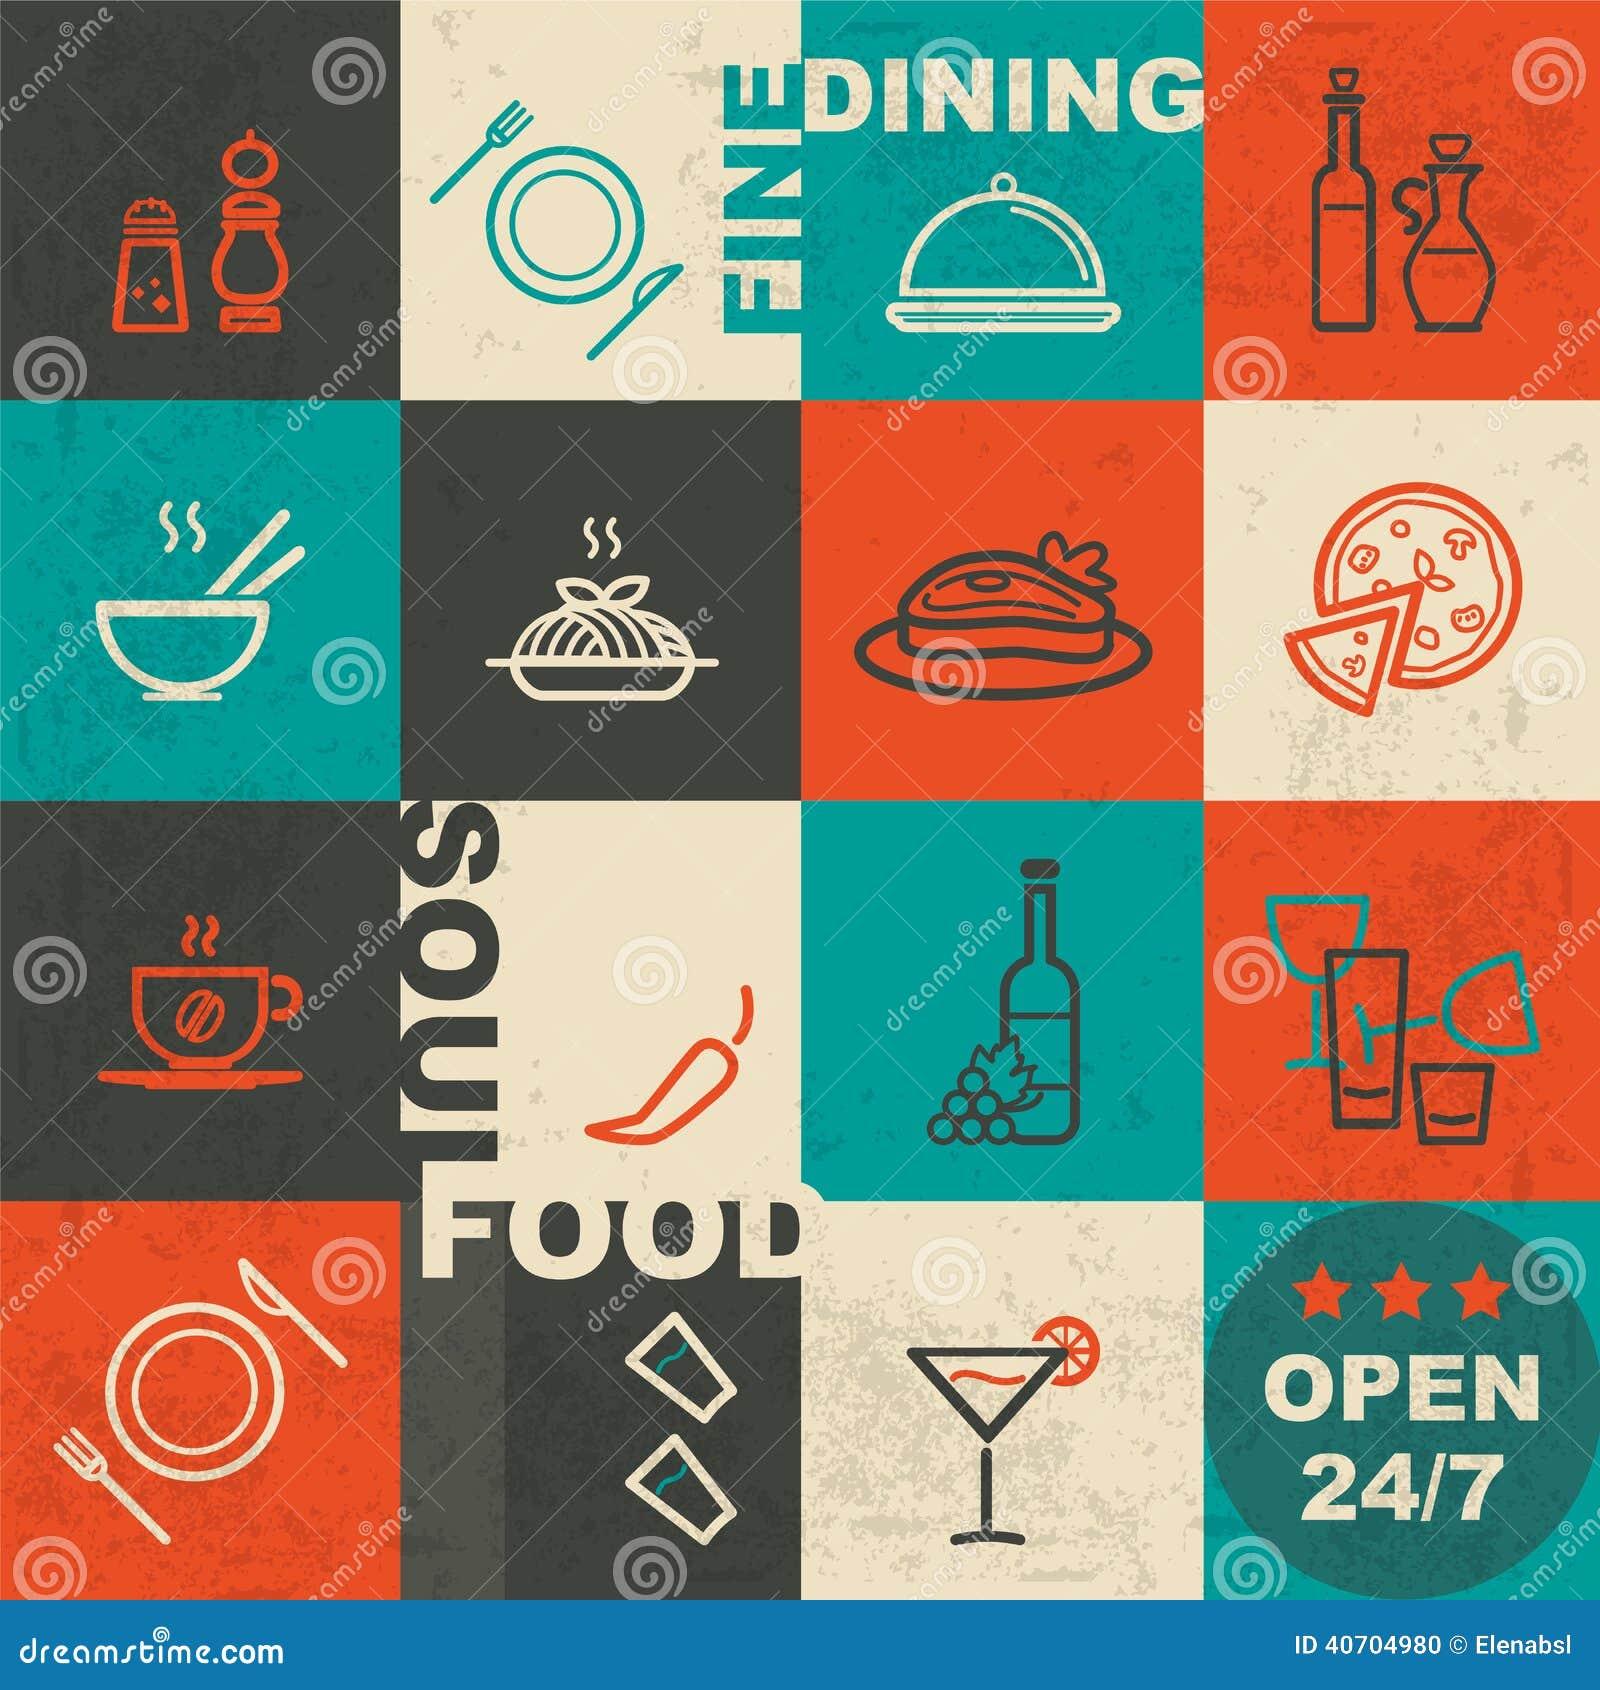 Soul Food Open Hours